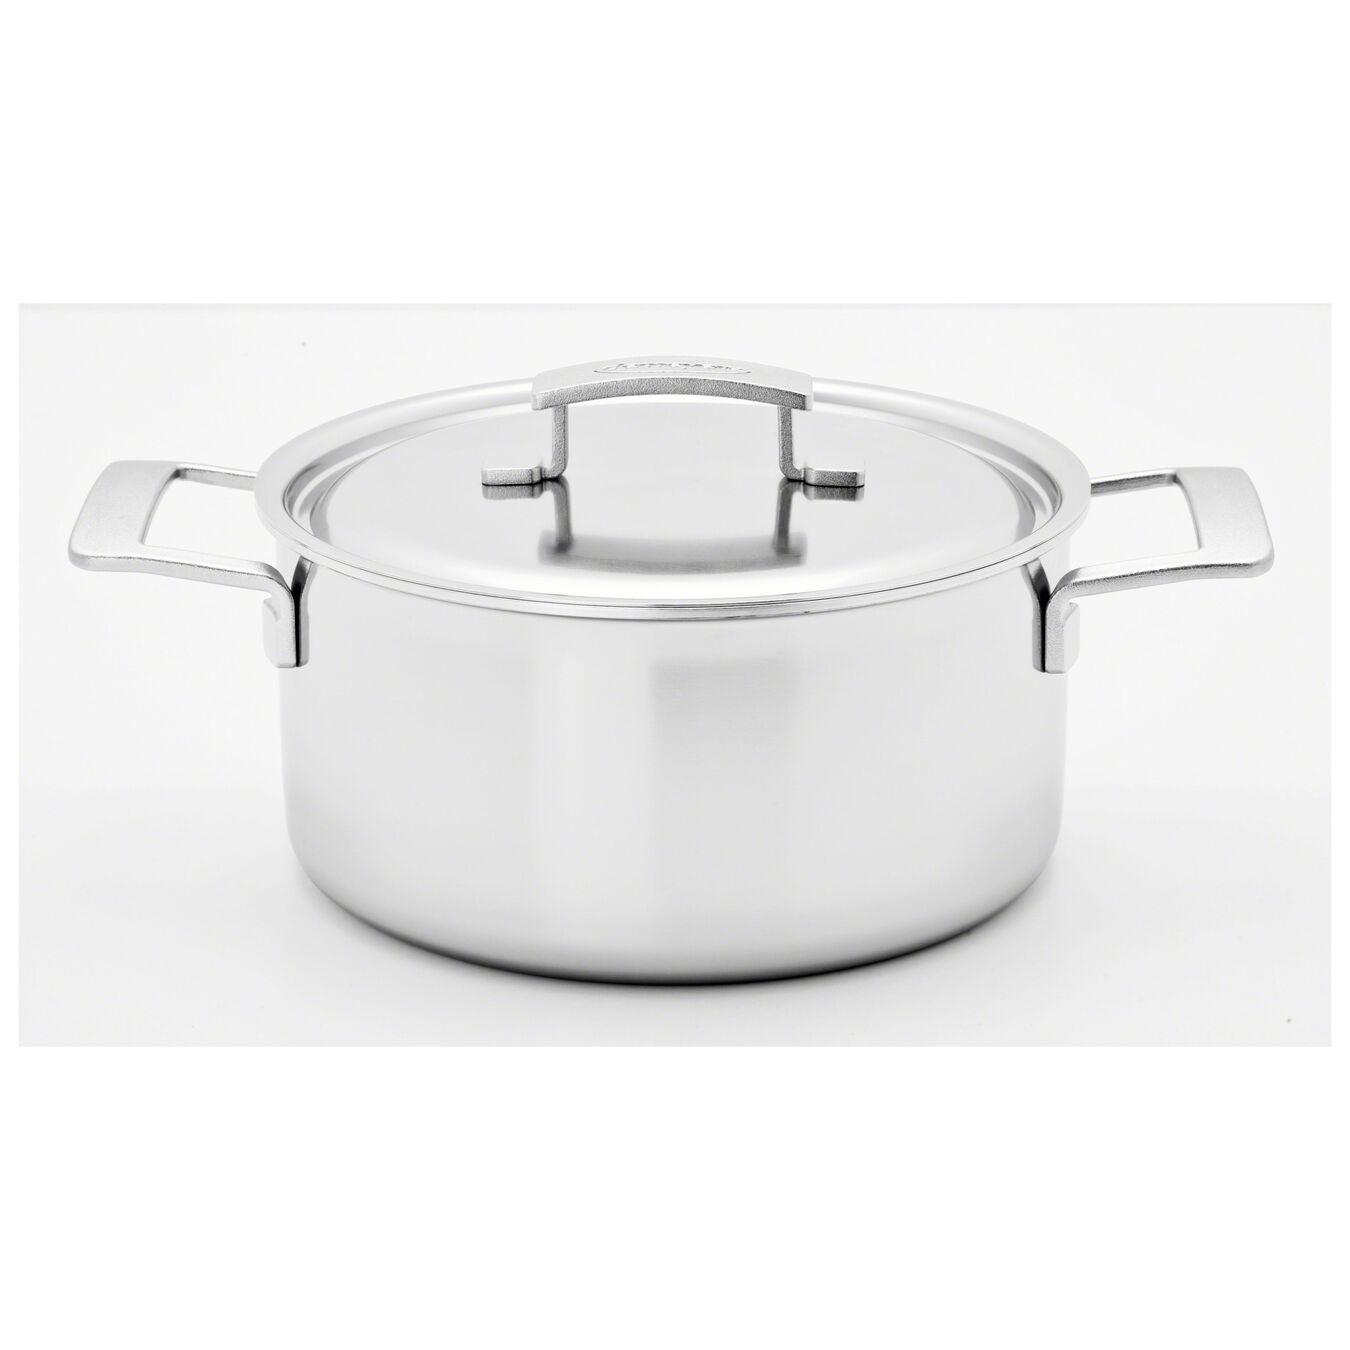 10-pcs 18/10 Stainless Steel Ensemble de casseroles et poêles,,large 3